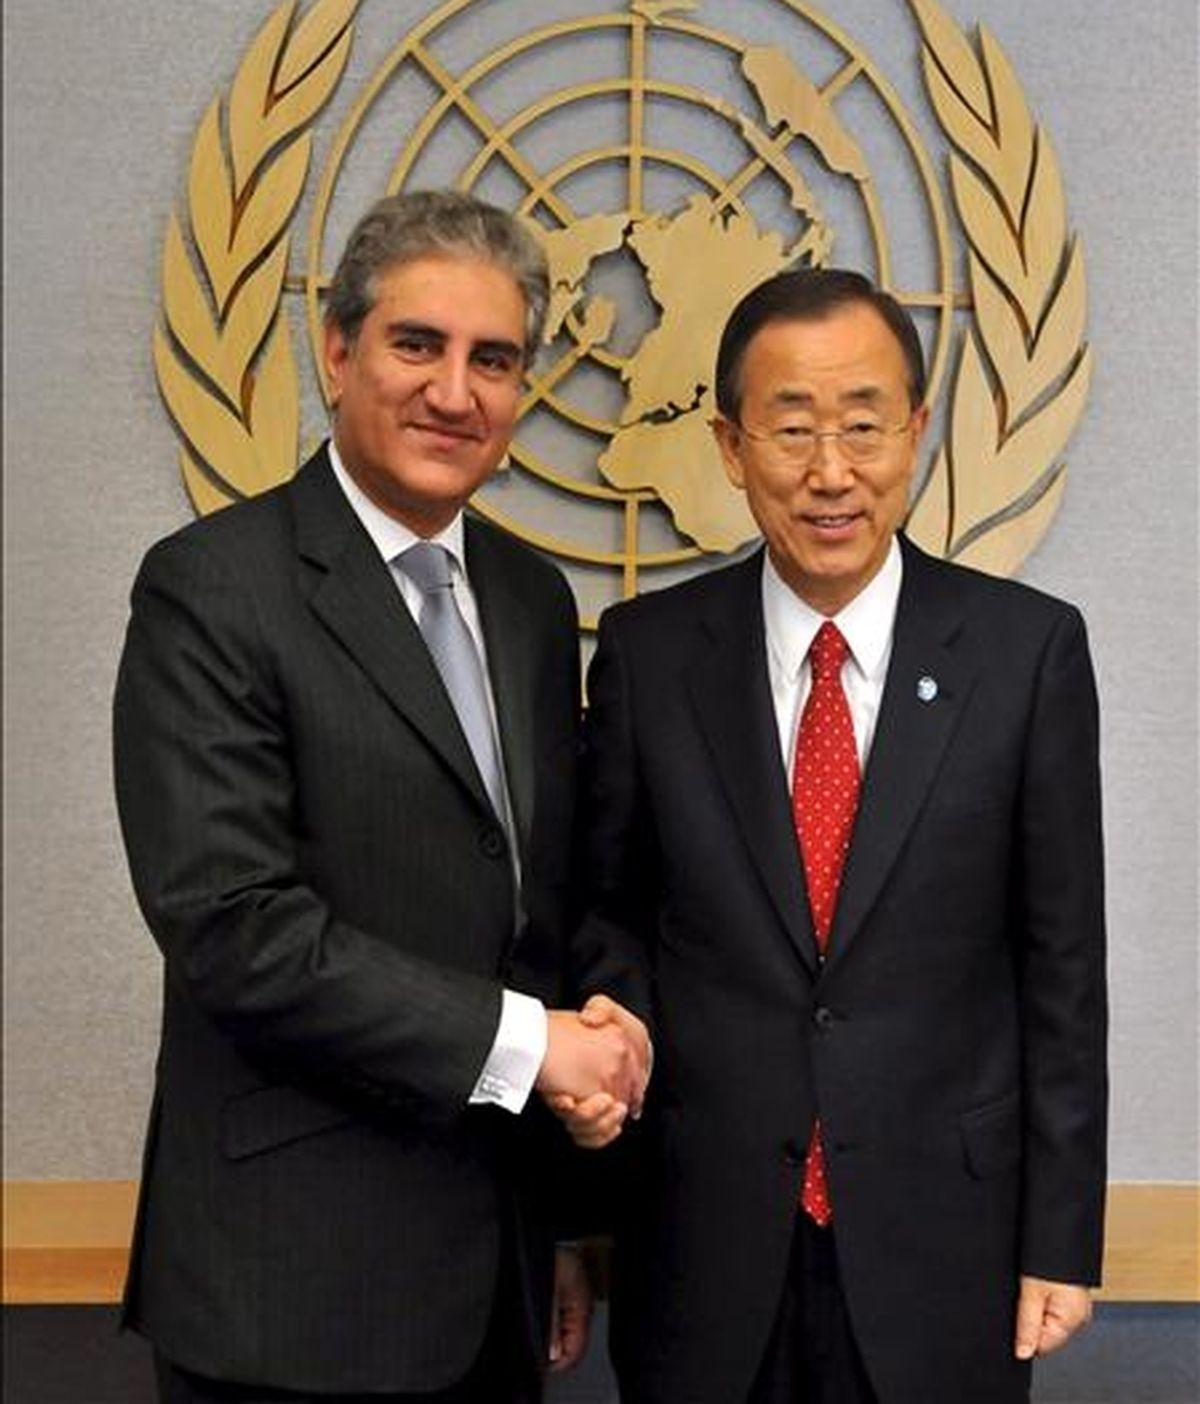 El ministro de Exteriores paquistaní, Makhdoom Shah Mehmood Qureshi (i) al secretario general de la ONU, Ban Ki-Moon, durante la cumbre de la ONU sobre los Objetivos de Desarrollo del Milenio en Nueva York, EE.UU., este 21 de septiembre. EFE